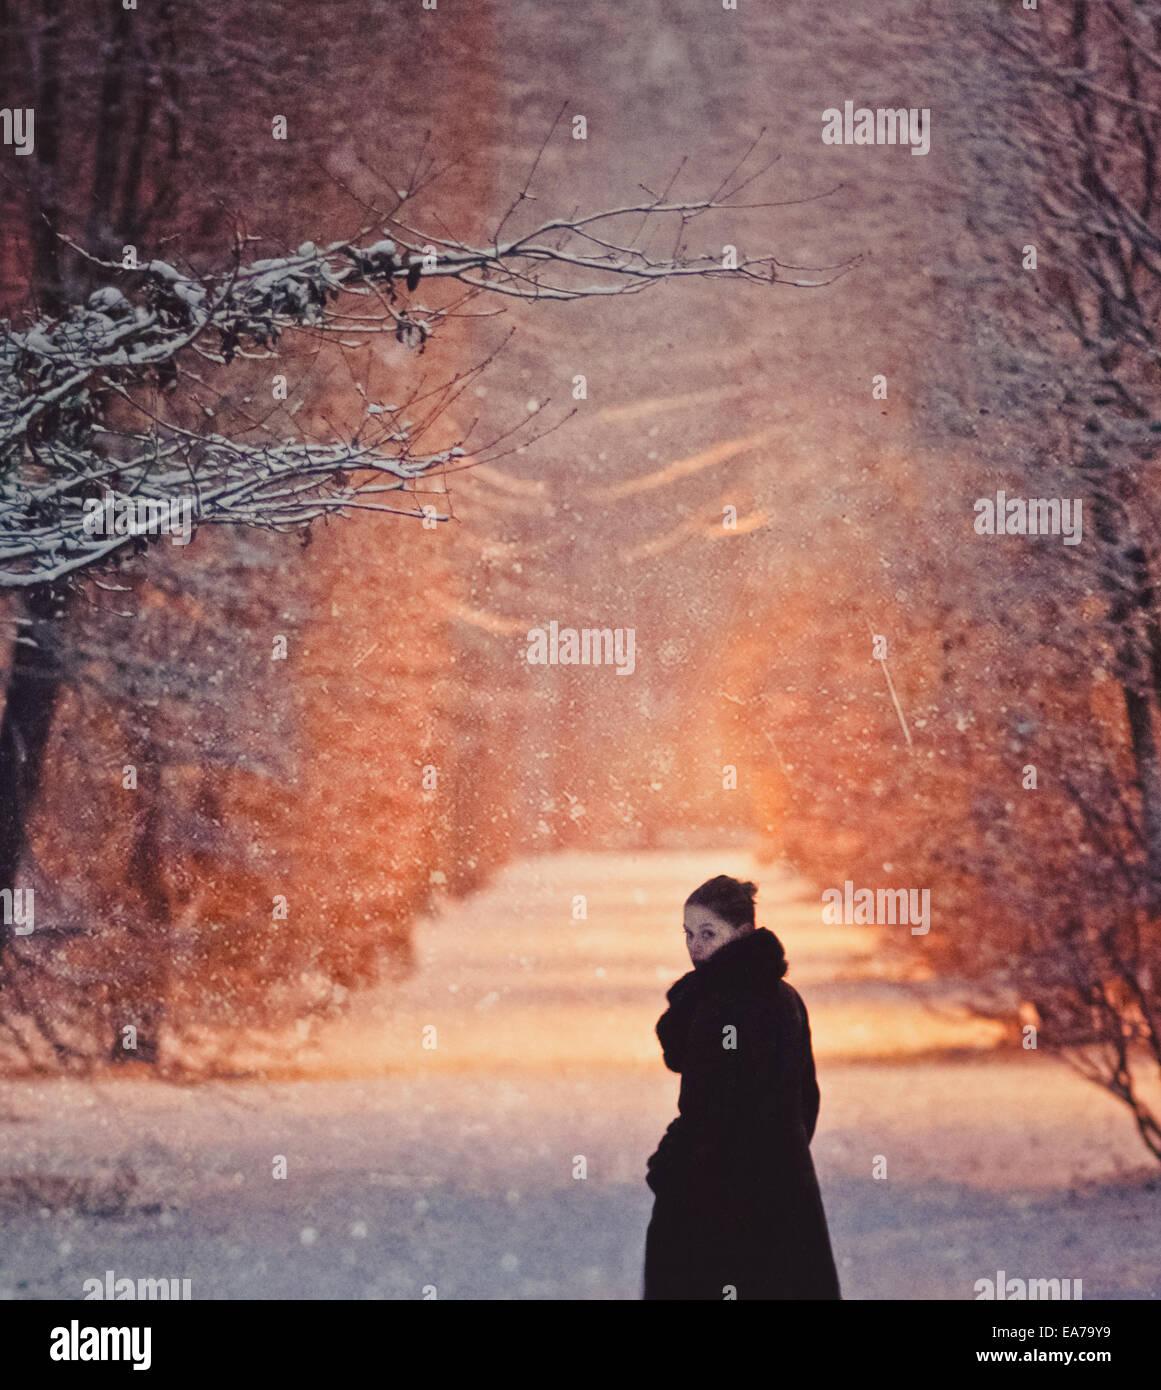 ein Spaziergang in einem verschneiten park Stockfoto